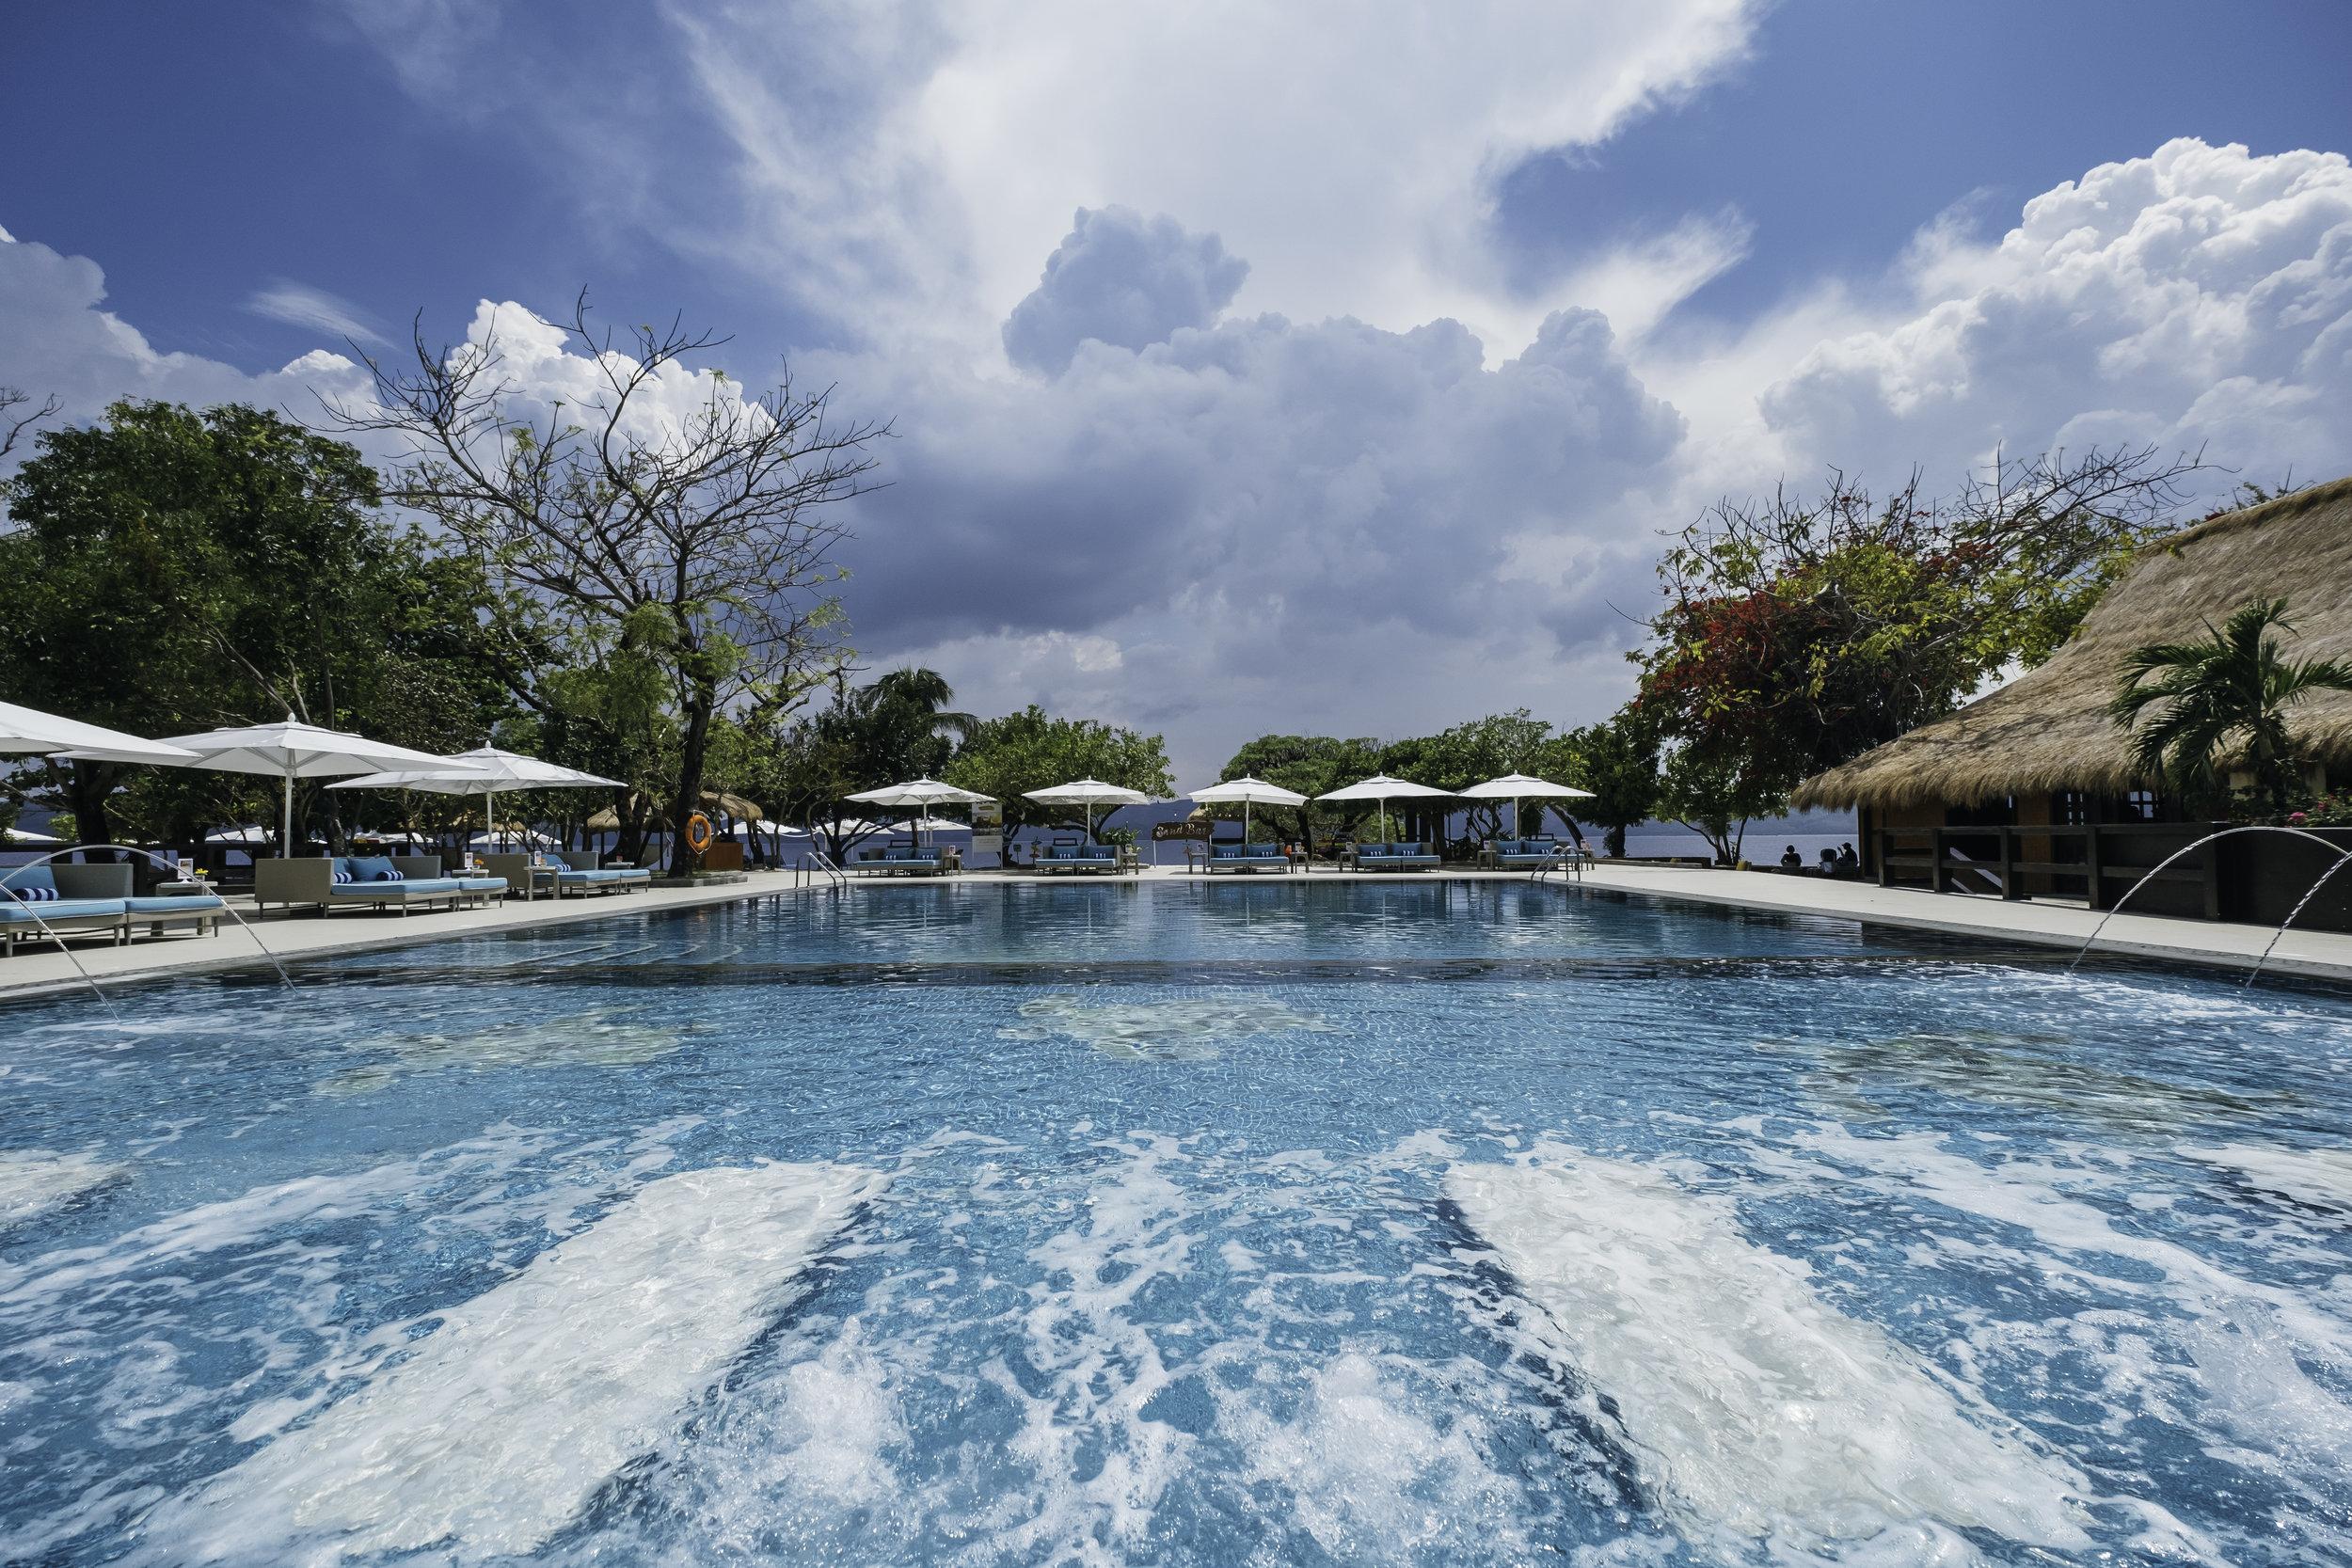 club paradise swimming pool.jpg